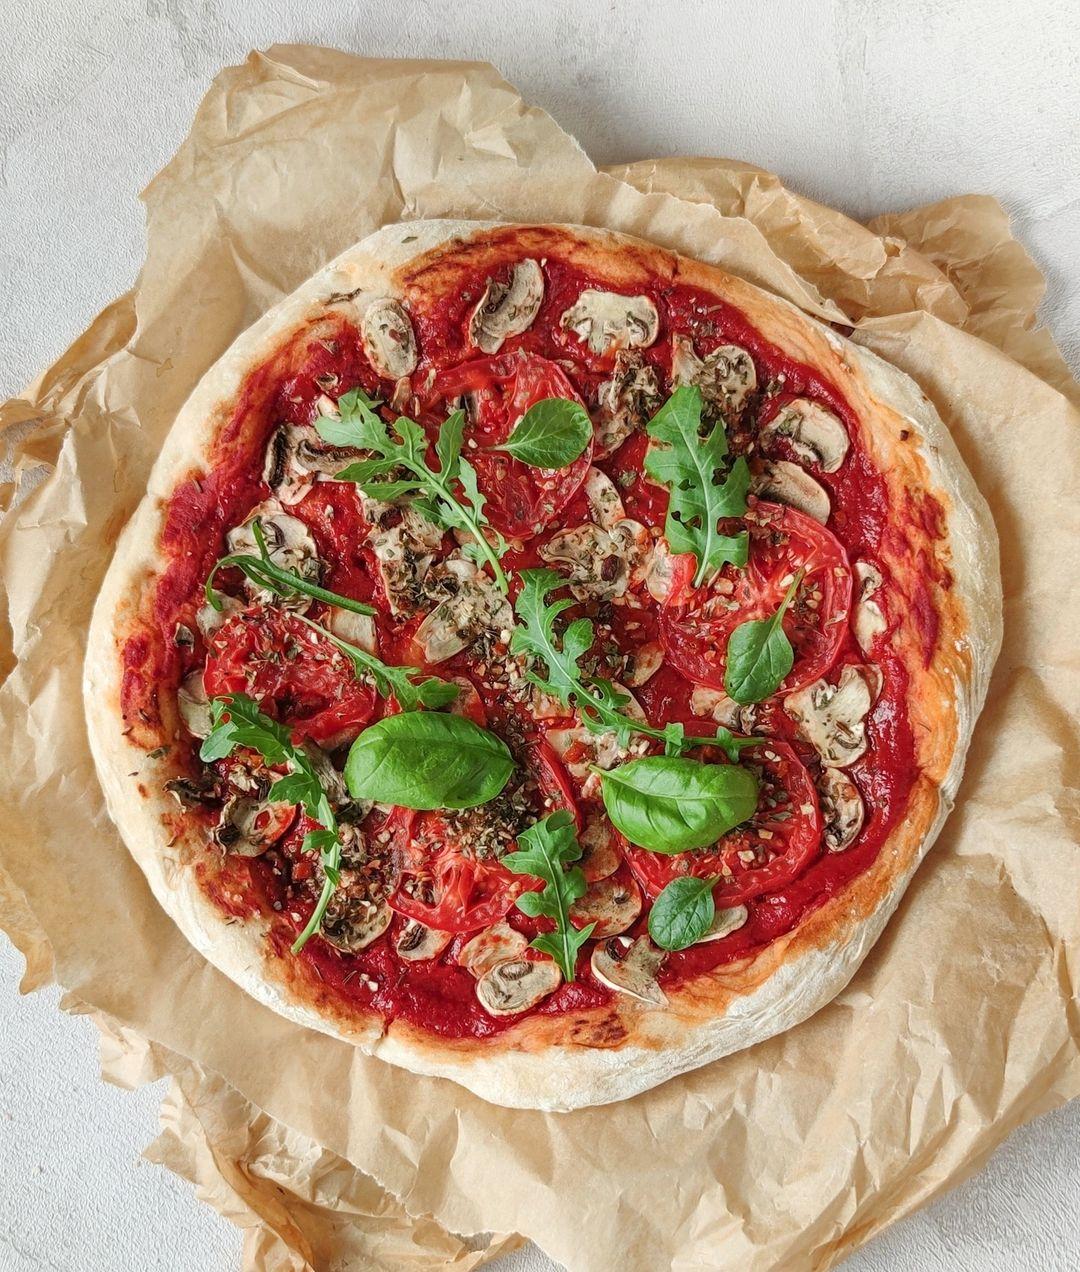 Wegańska pizza bez sera marinara z oliwą z oliwek i rukolą